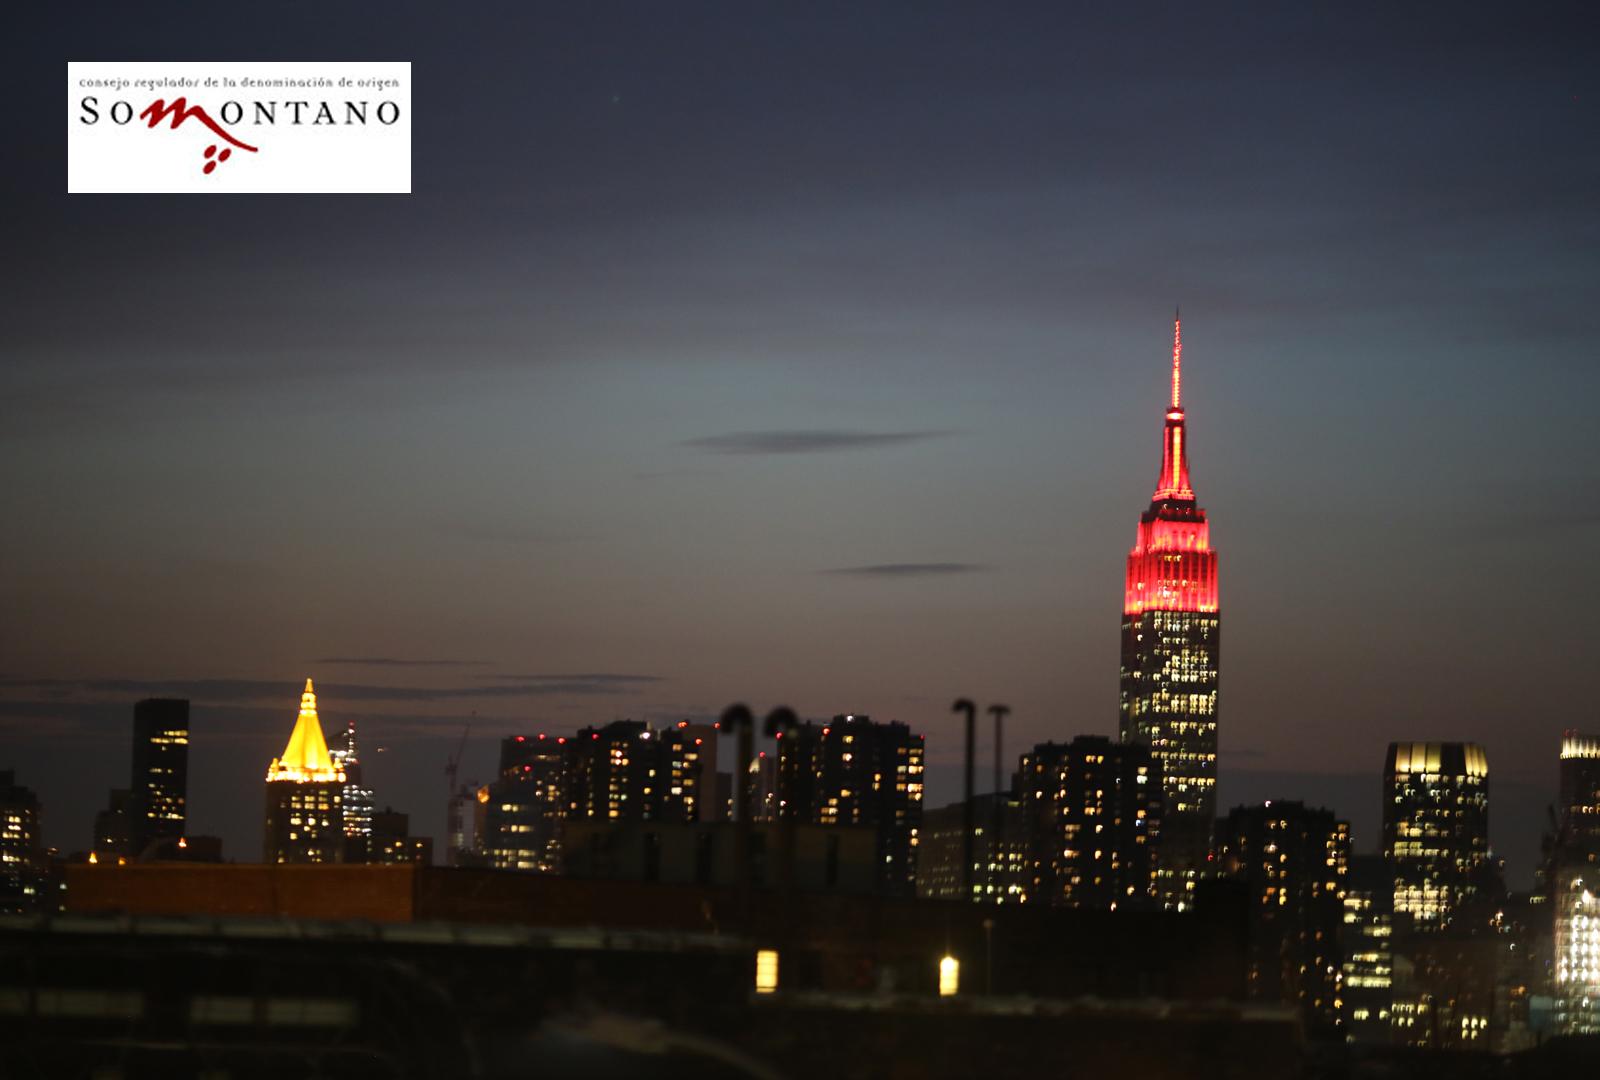 La D.O. Somontano en los cielos de Nueva York.